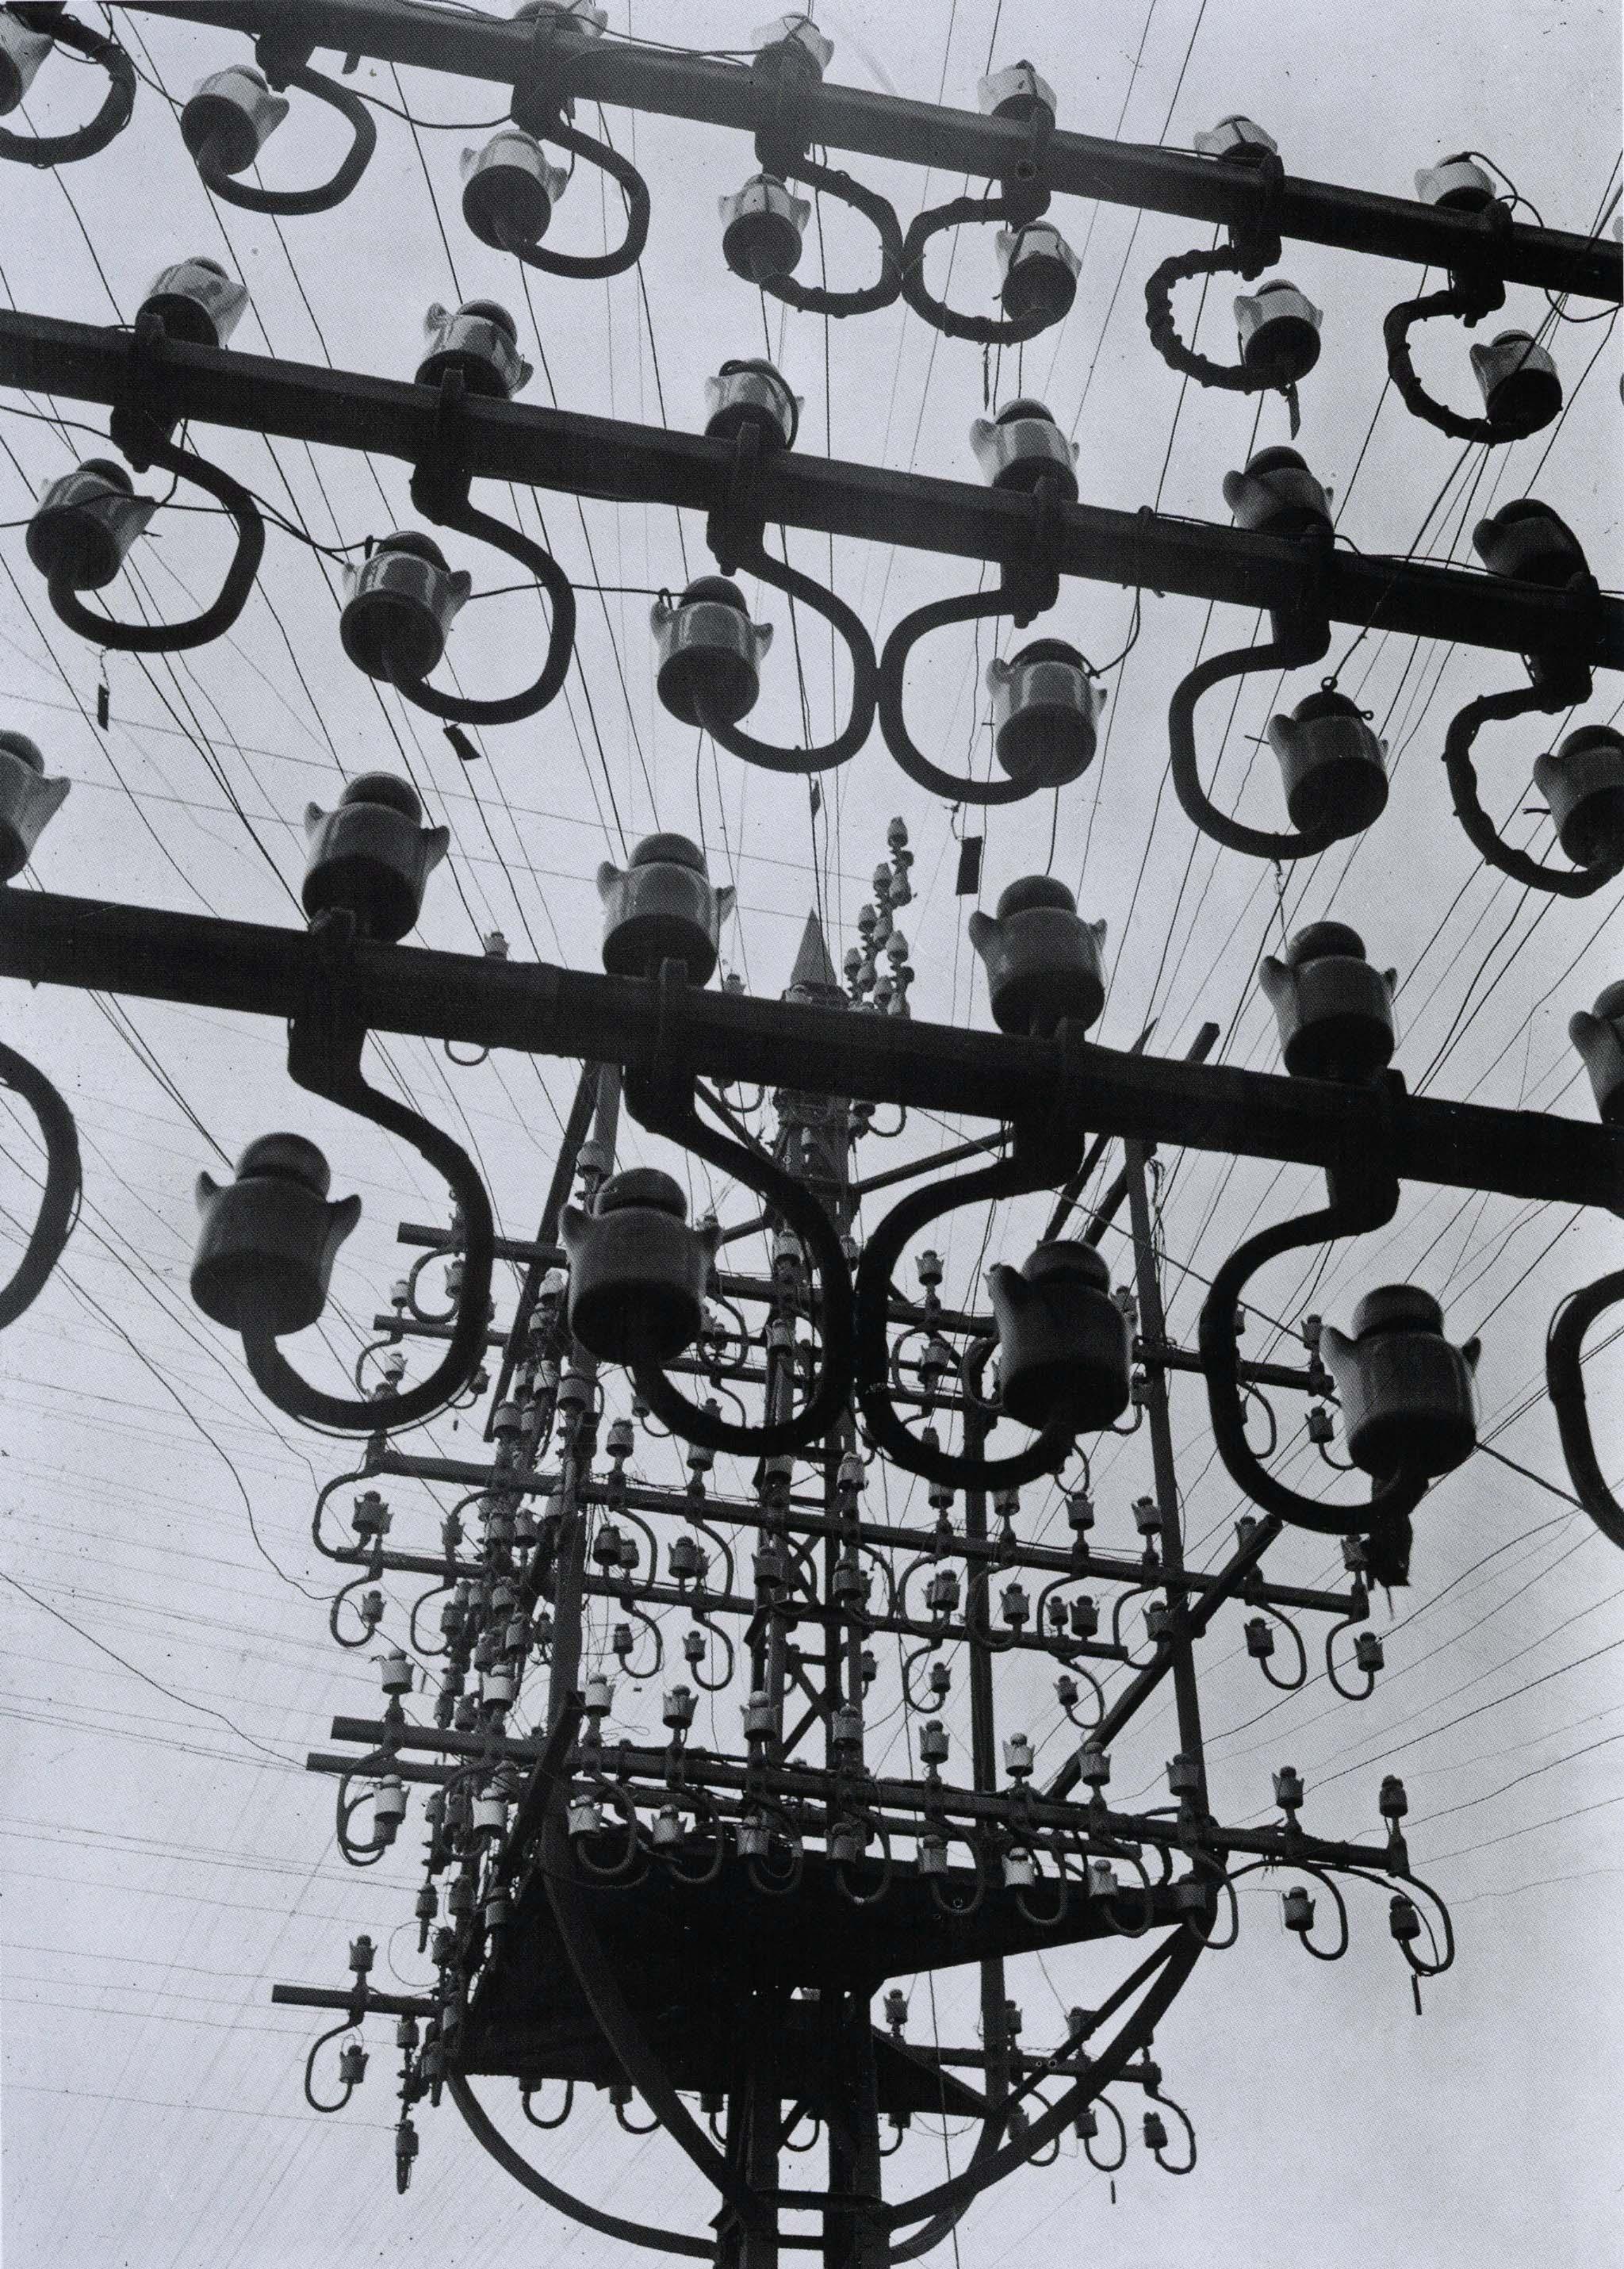 kollar_le rail, fils et isolateurs, ch. de fer de l'état, versailles, yvelines, 1931-34_p106_R